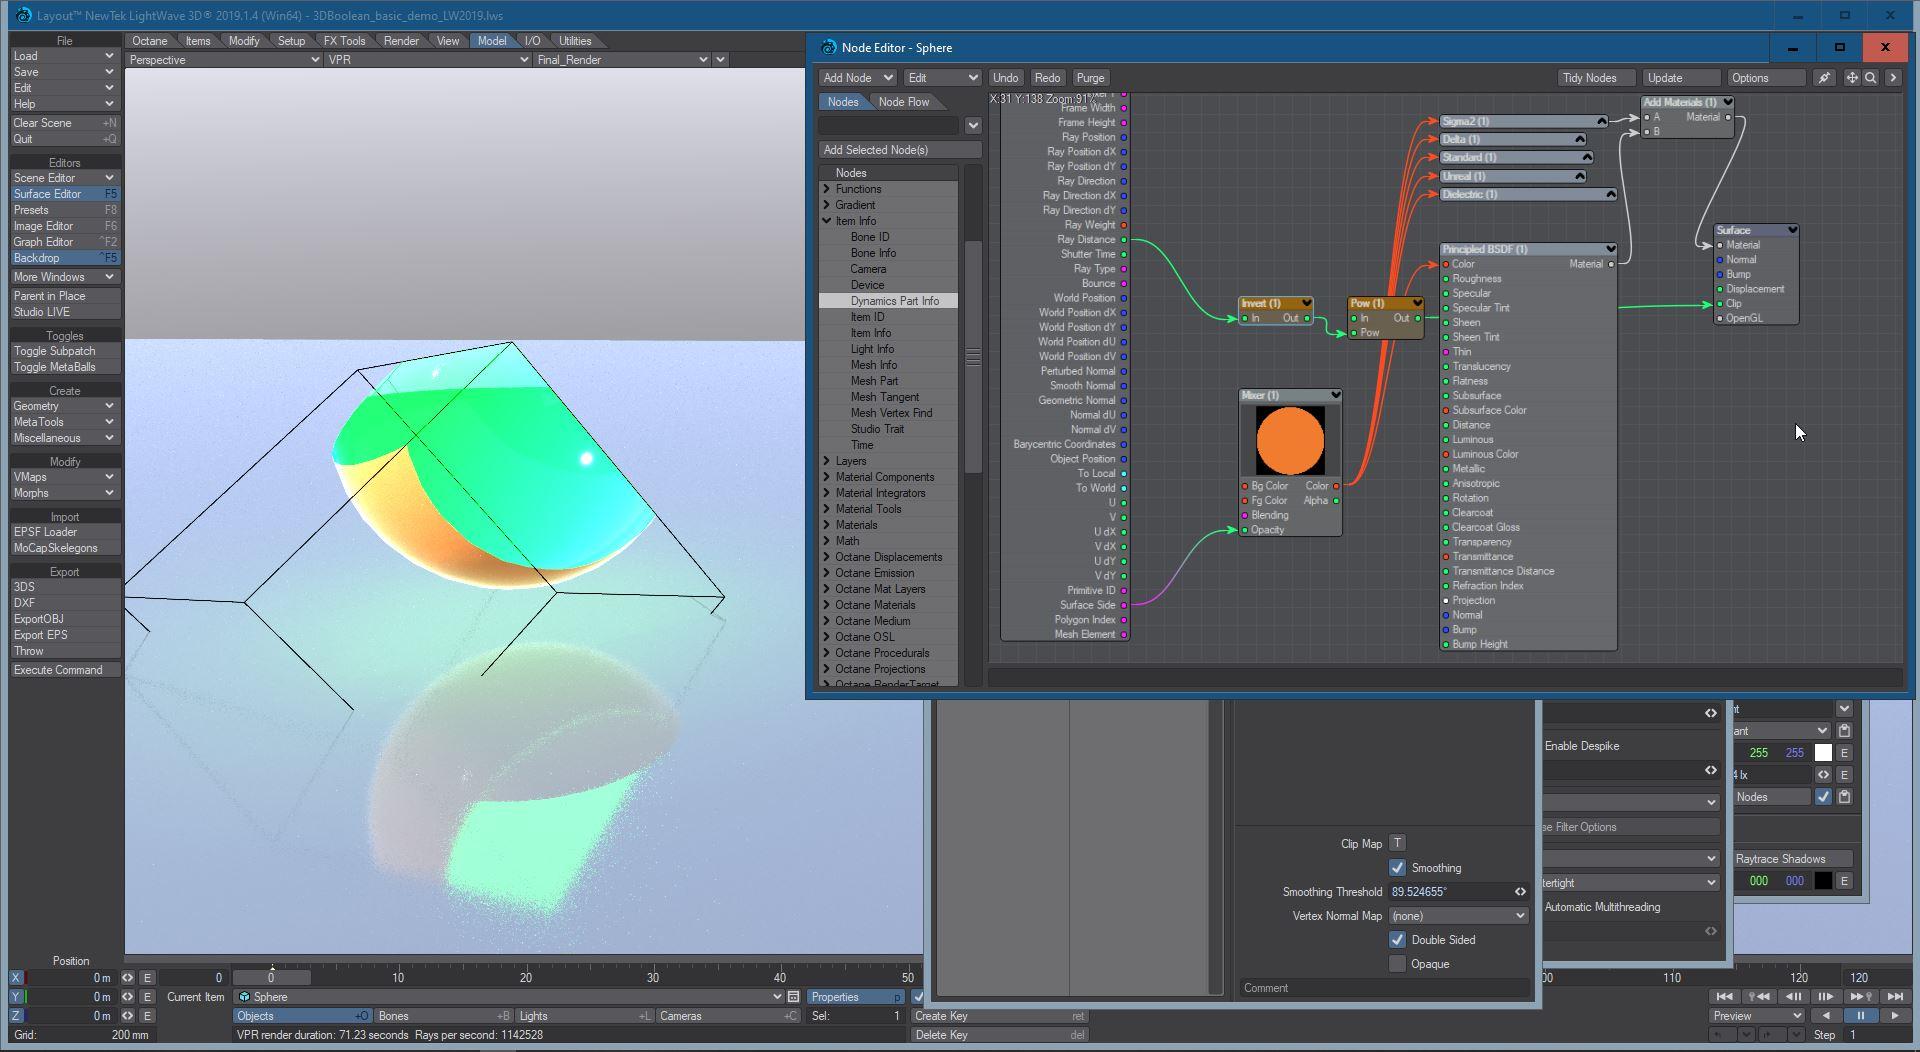 Nome: 2020-02-14 14_24_00-Layout™ NewTek LightWave 3D® 2019.1.4 (Win64) - 3DBoolean_basic_demo_LW2019..jpg Visite: 137 Dimensione: 240.9 KB